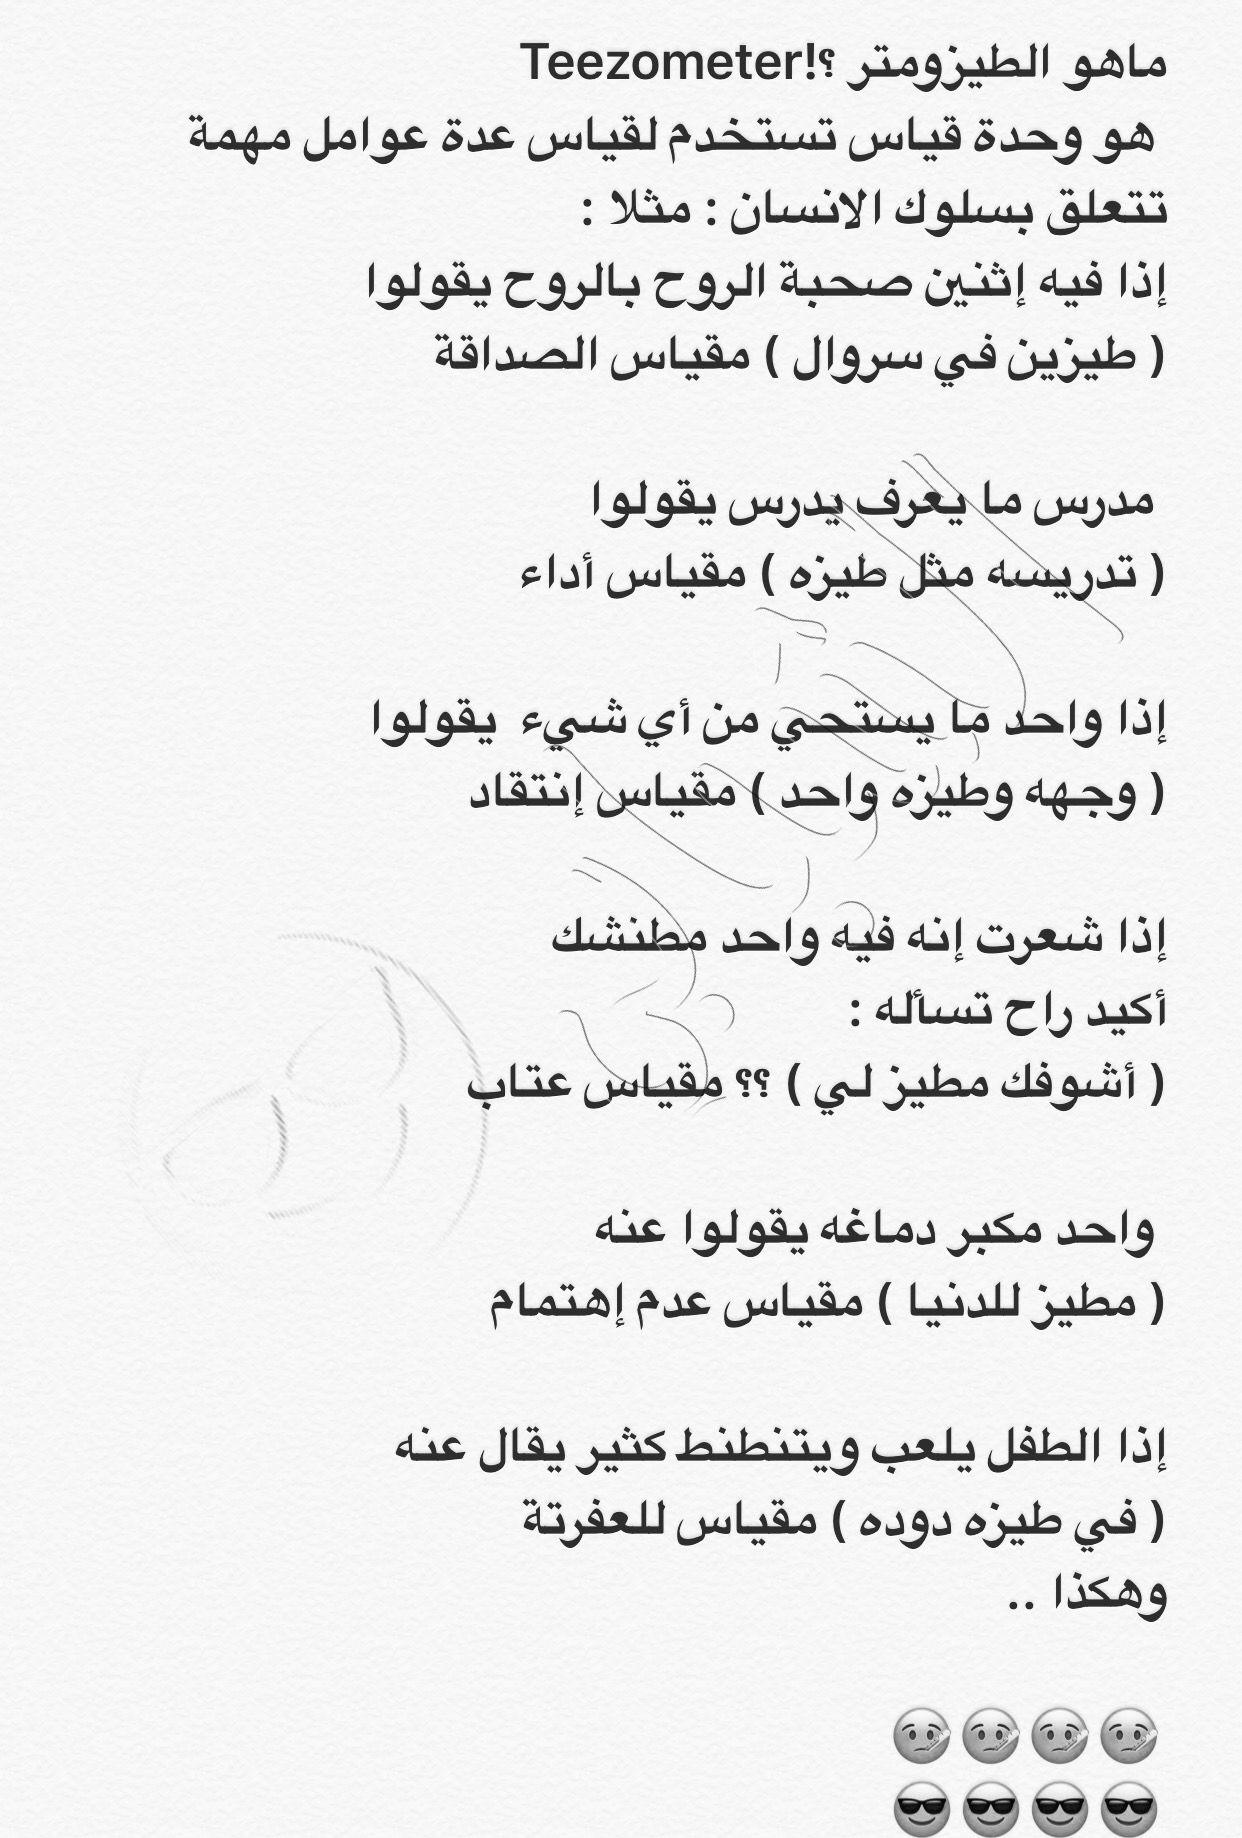 Pin By ʙᴀʀᴀ ᴀ On Funny Arabic Jokes Jokes Funny